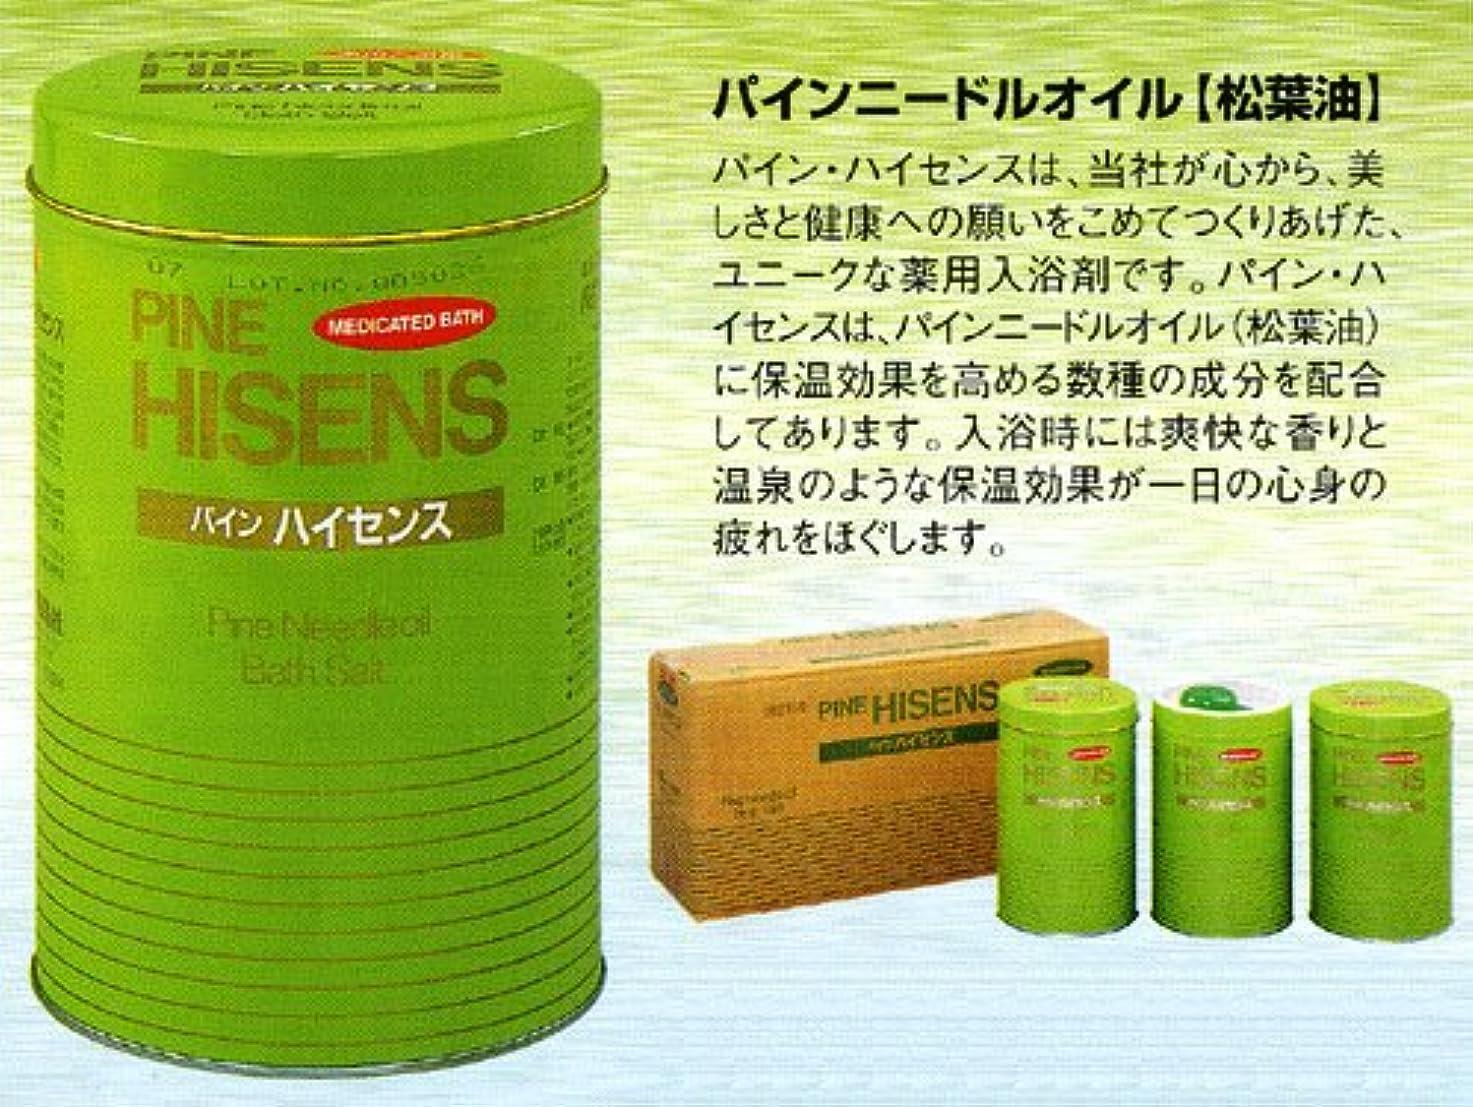 提供されたトレード病な高陽社 薬用入浴剤 パインハイセンス 2.1kg 3缶セット